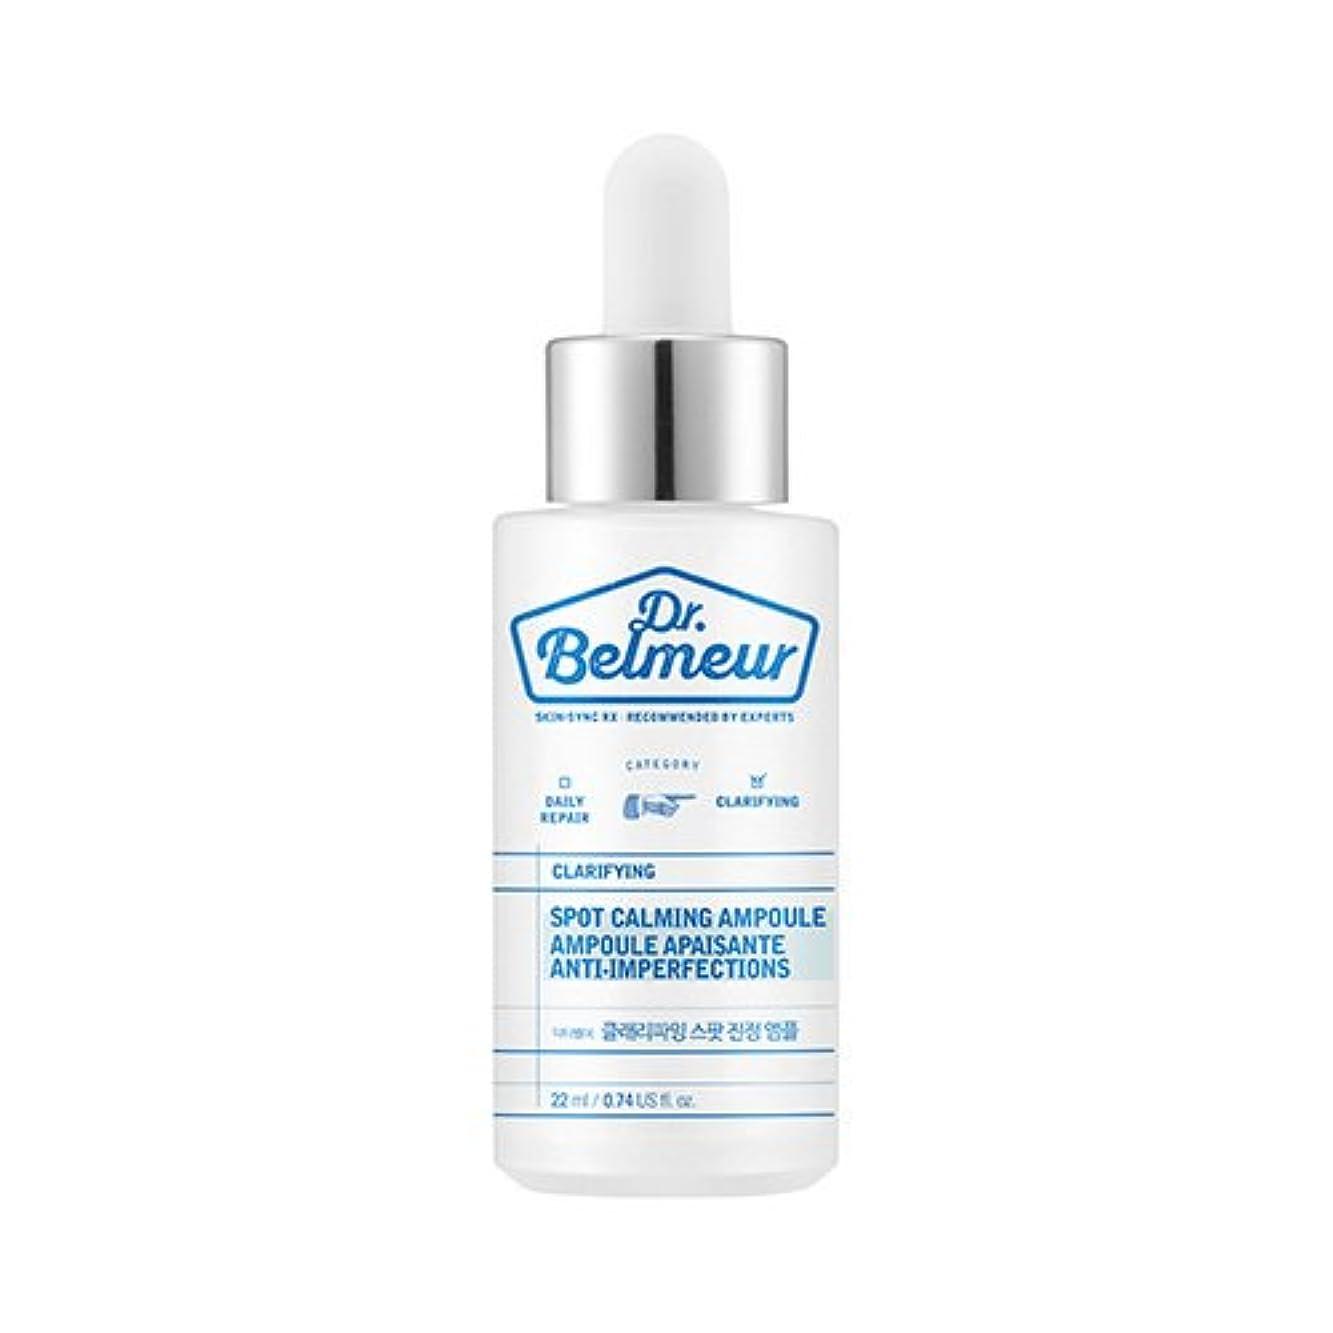 手シソーラス健康THE FACE SHOP Dr.Belmeur Clarifying Spot Calming Ampoule 22ml/ザフェイスショップ ドクターベルムール クラリファイング スポット カーミング アンプル 22ml